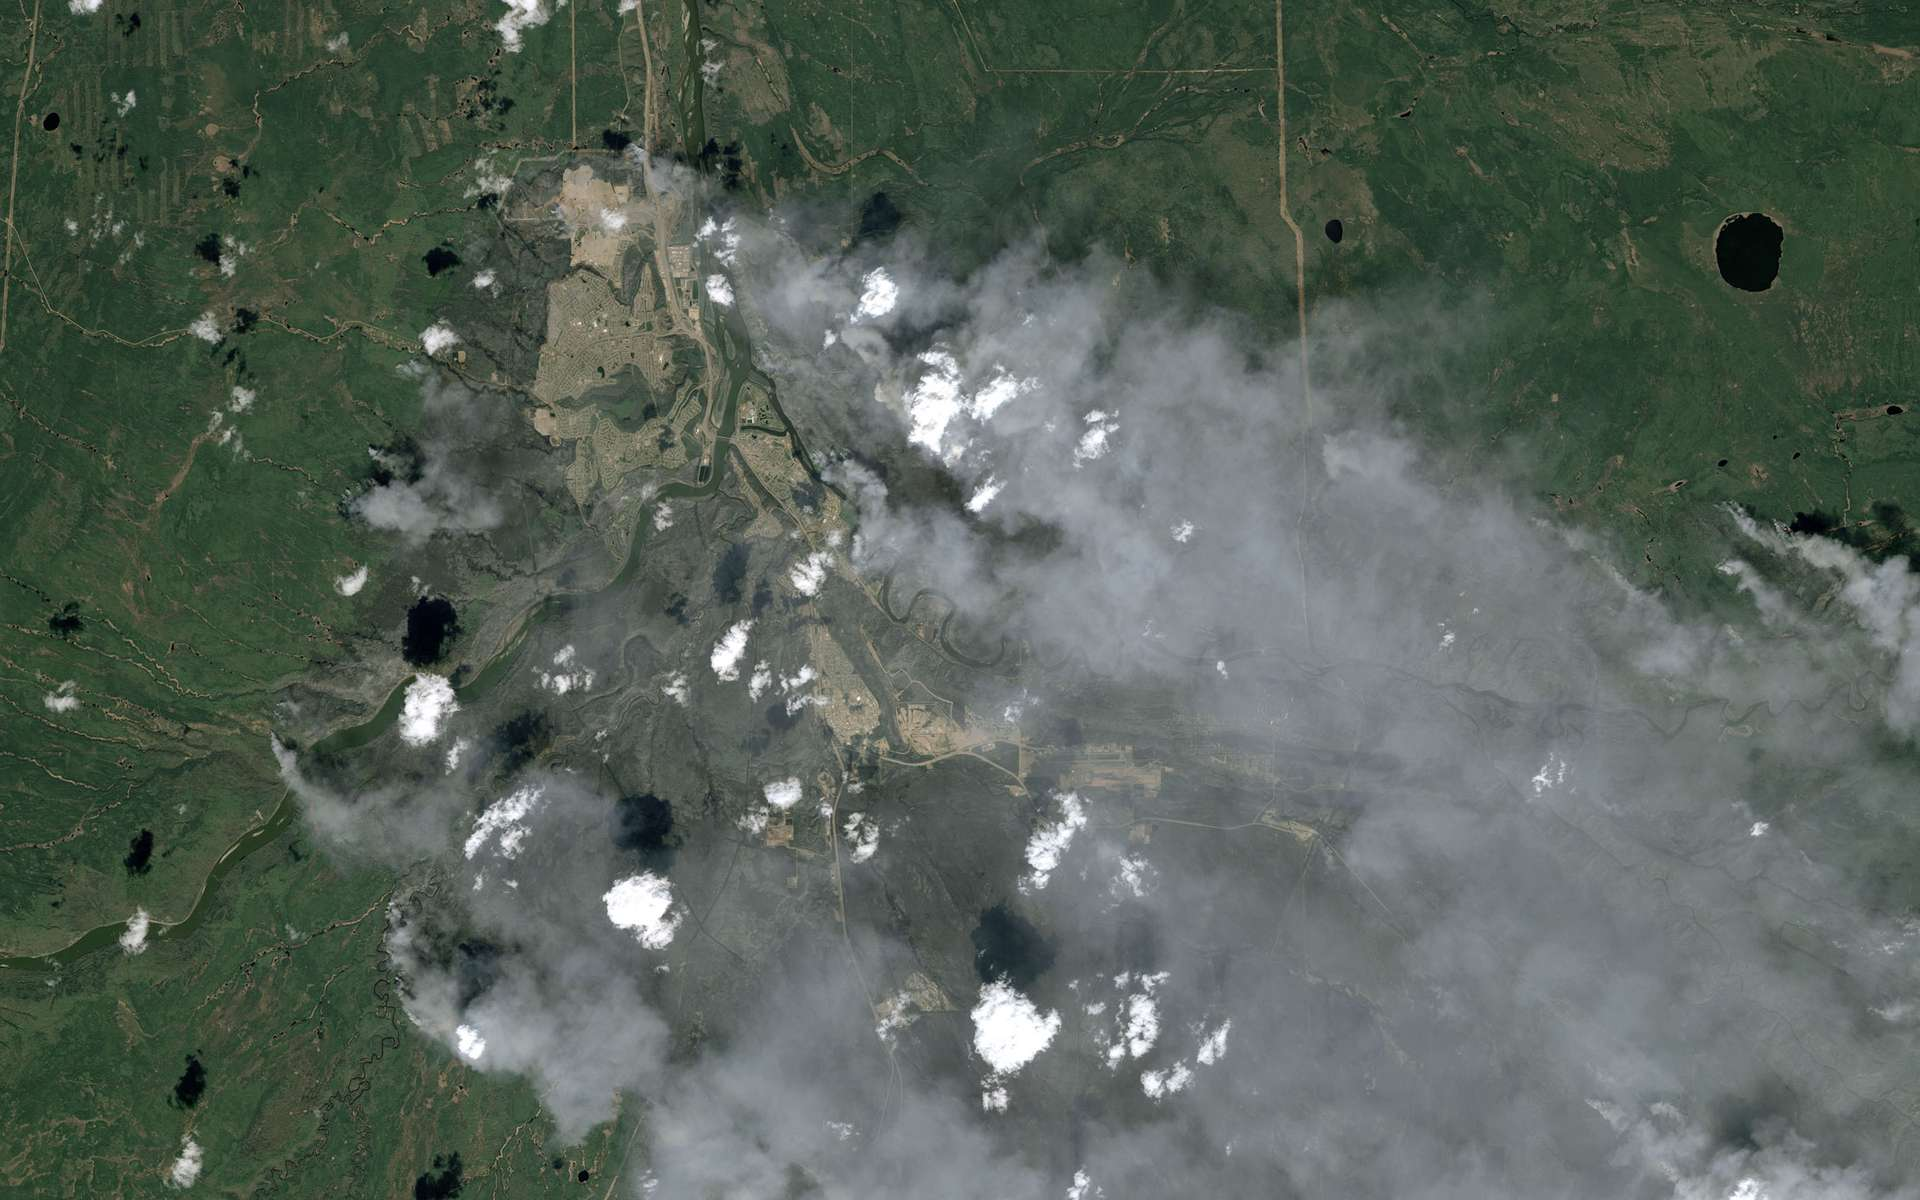 Cette image satellite, acquise par le satellite Spot 7 le 6 mai dernier, offre une grande emprise et une résolution de 1,5 mètre. Elle montre une partie de la ville de Fort McMurray, au Canada, cernée par les incendies (les zones brûlées apparaissent en gris). © Airbus DS 2016